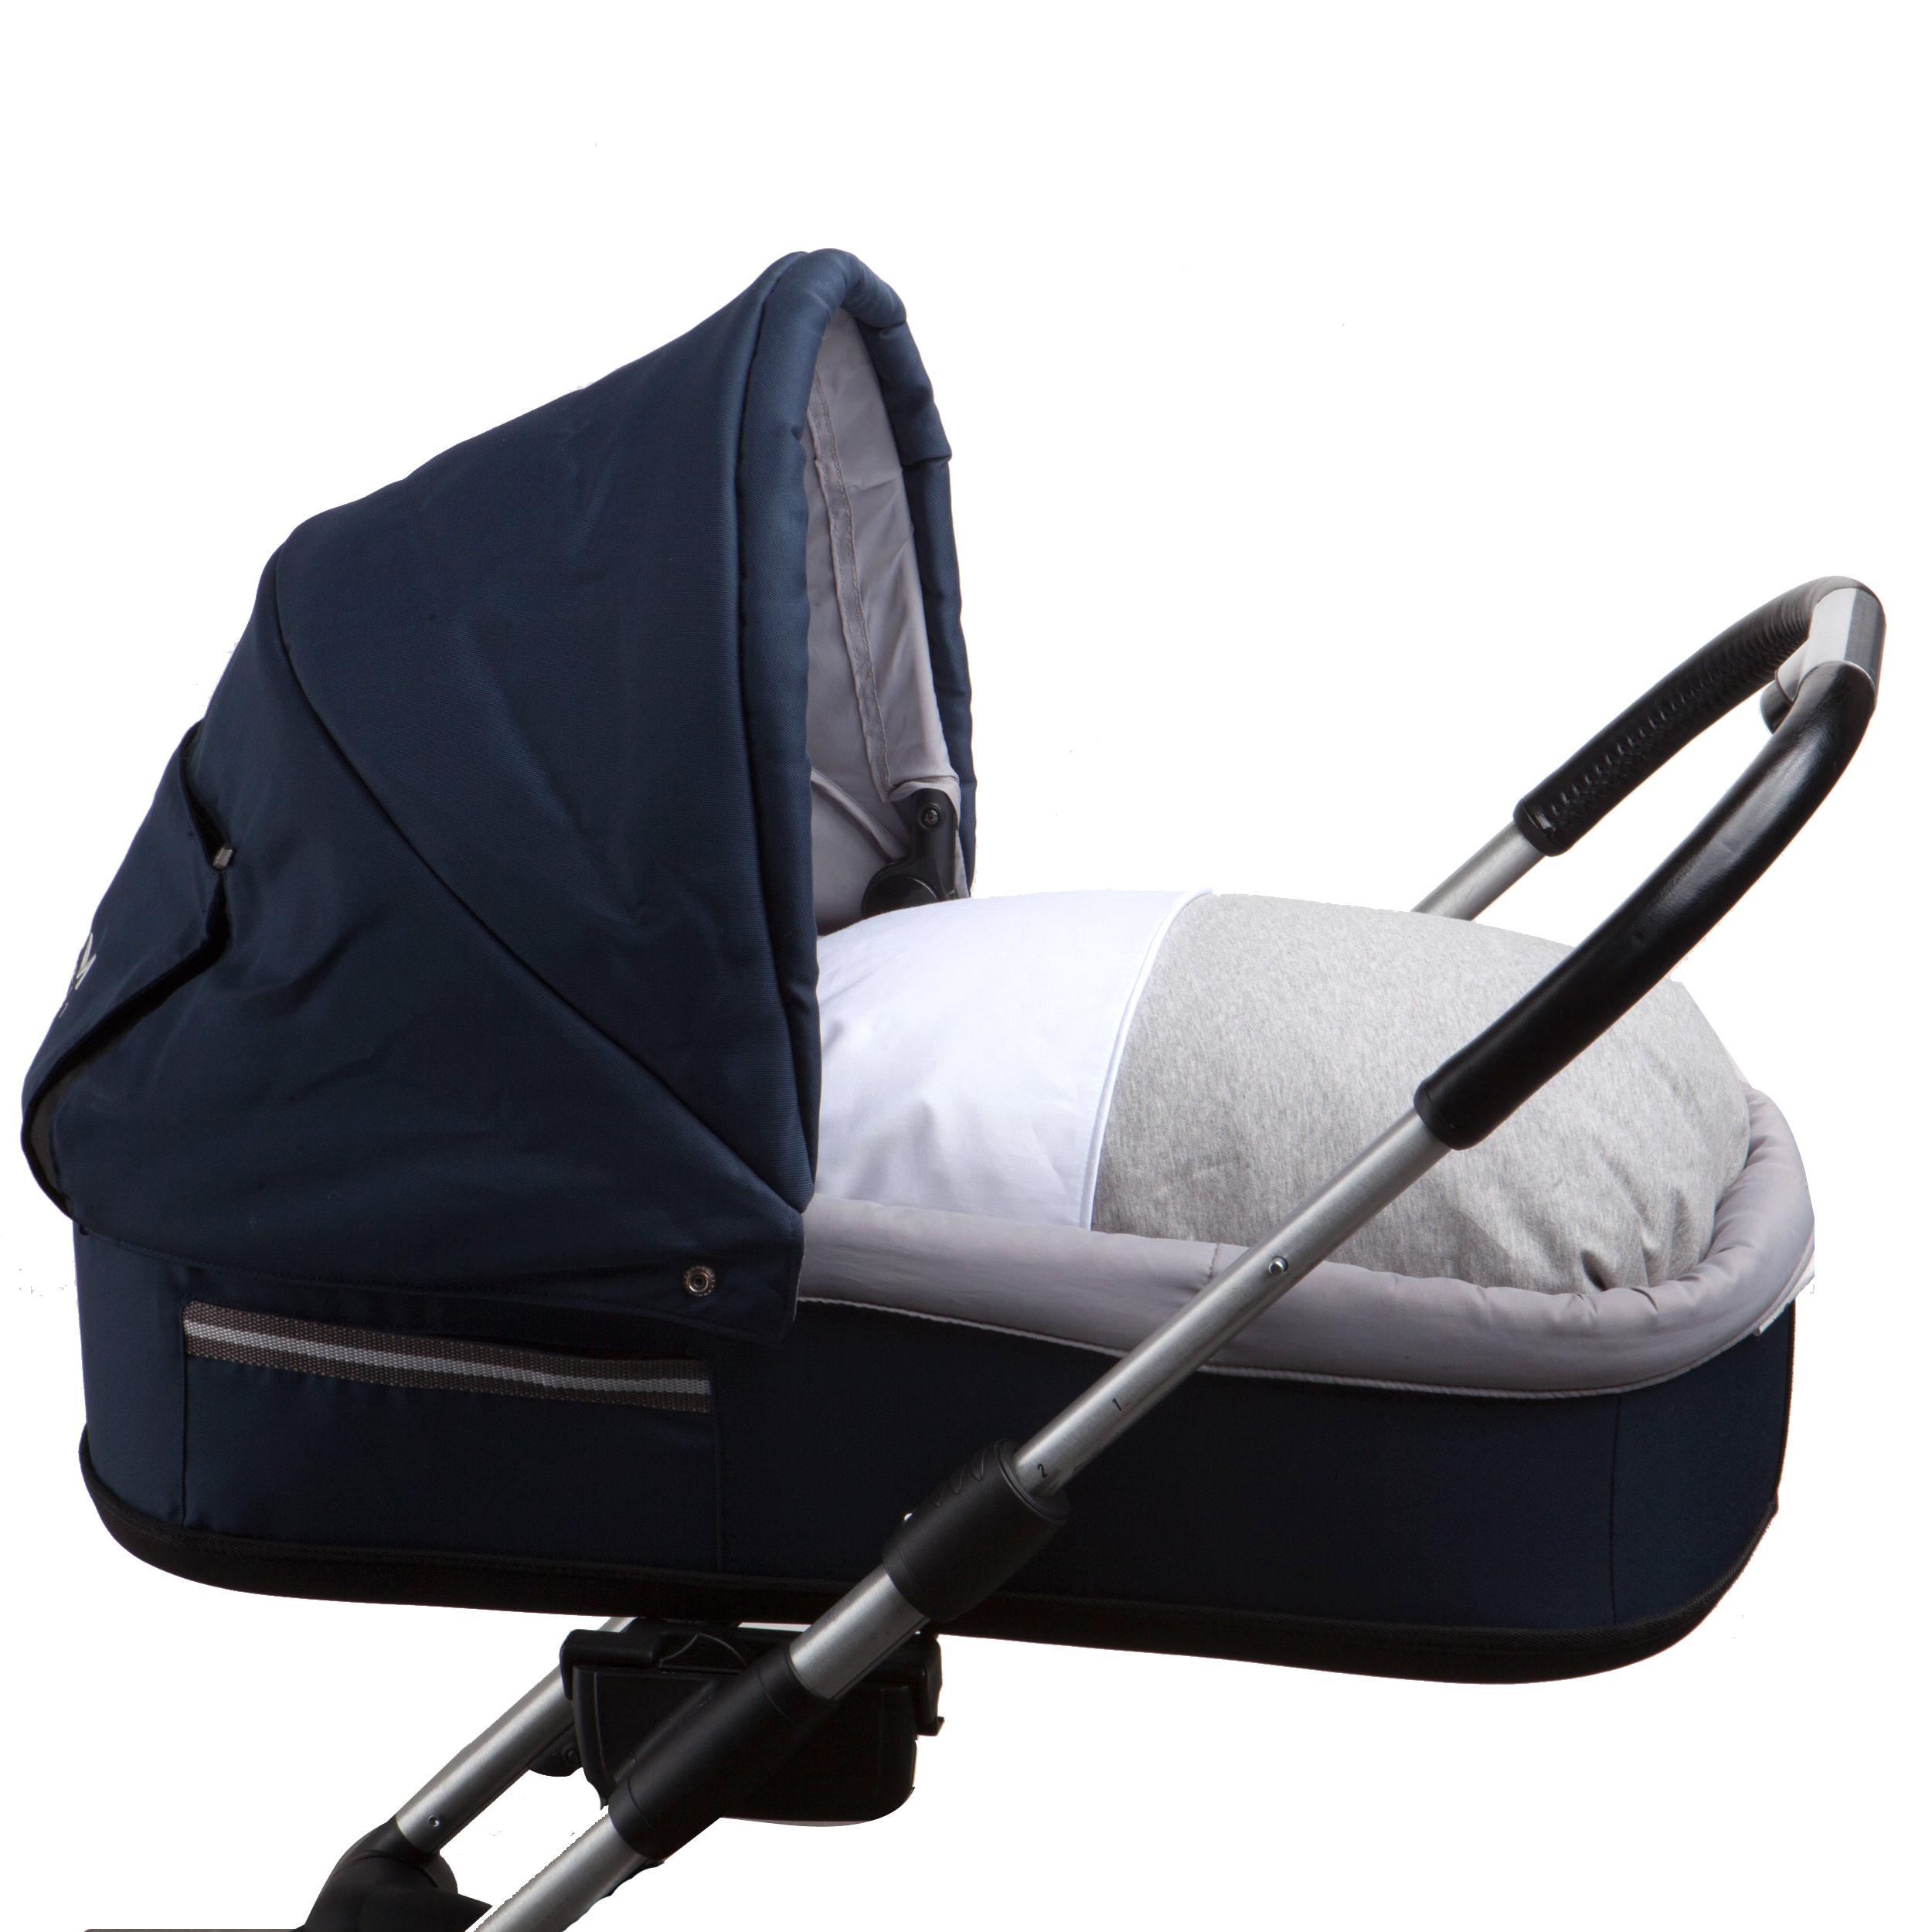 Babybettwäsche Grau In Größe 80 X 80 Cm Aus Baumwolle